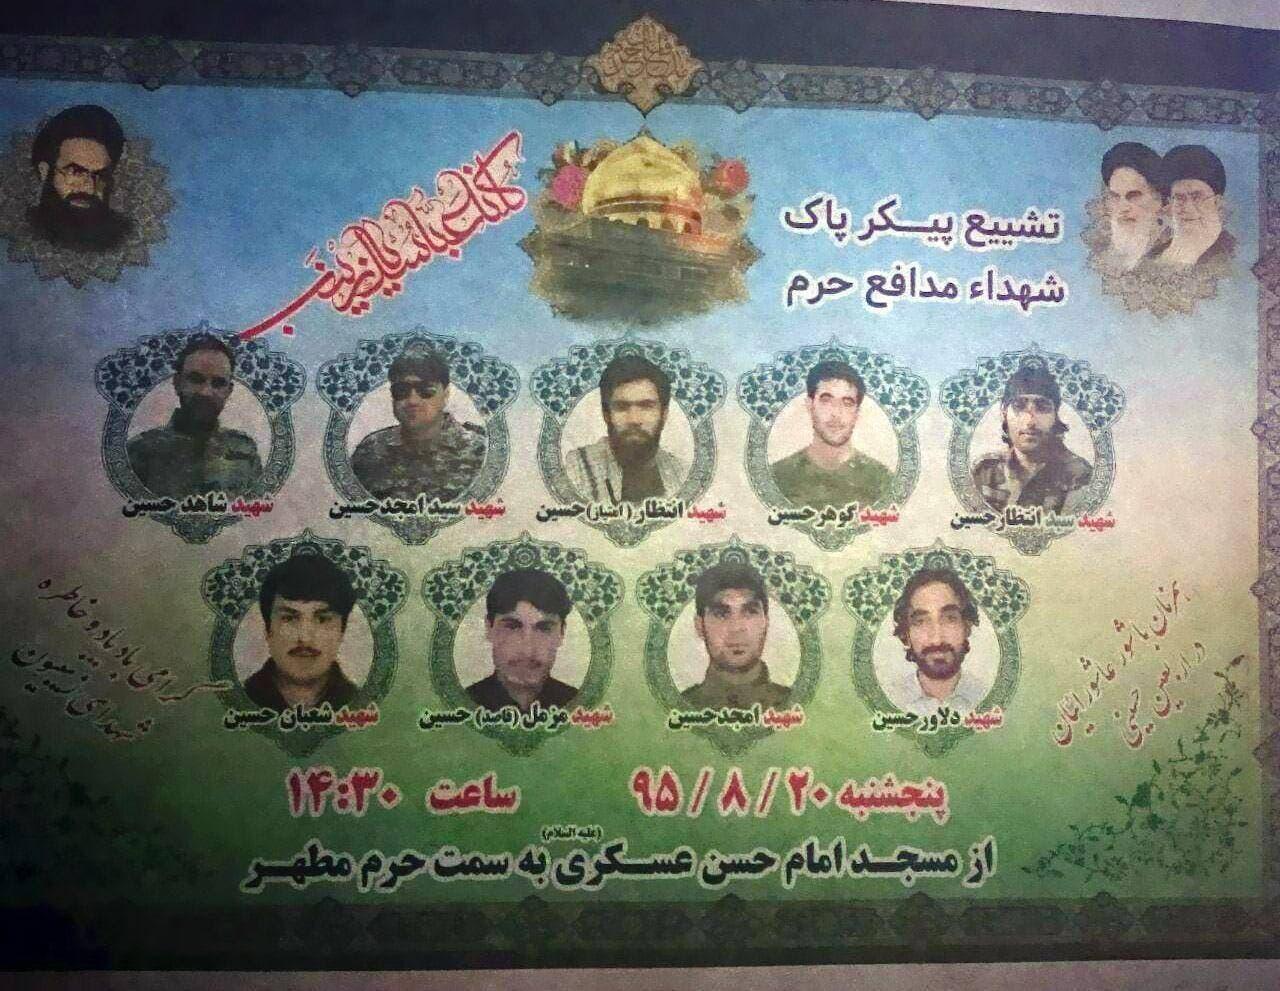 کشته شدگان پاکستانی عضو تیپ زینبیون اعزامی سپاه به سوریه